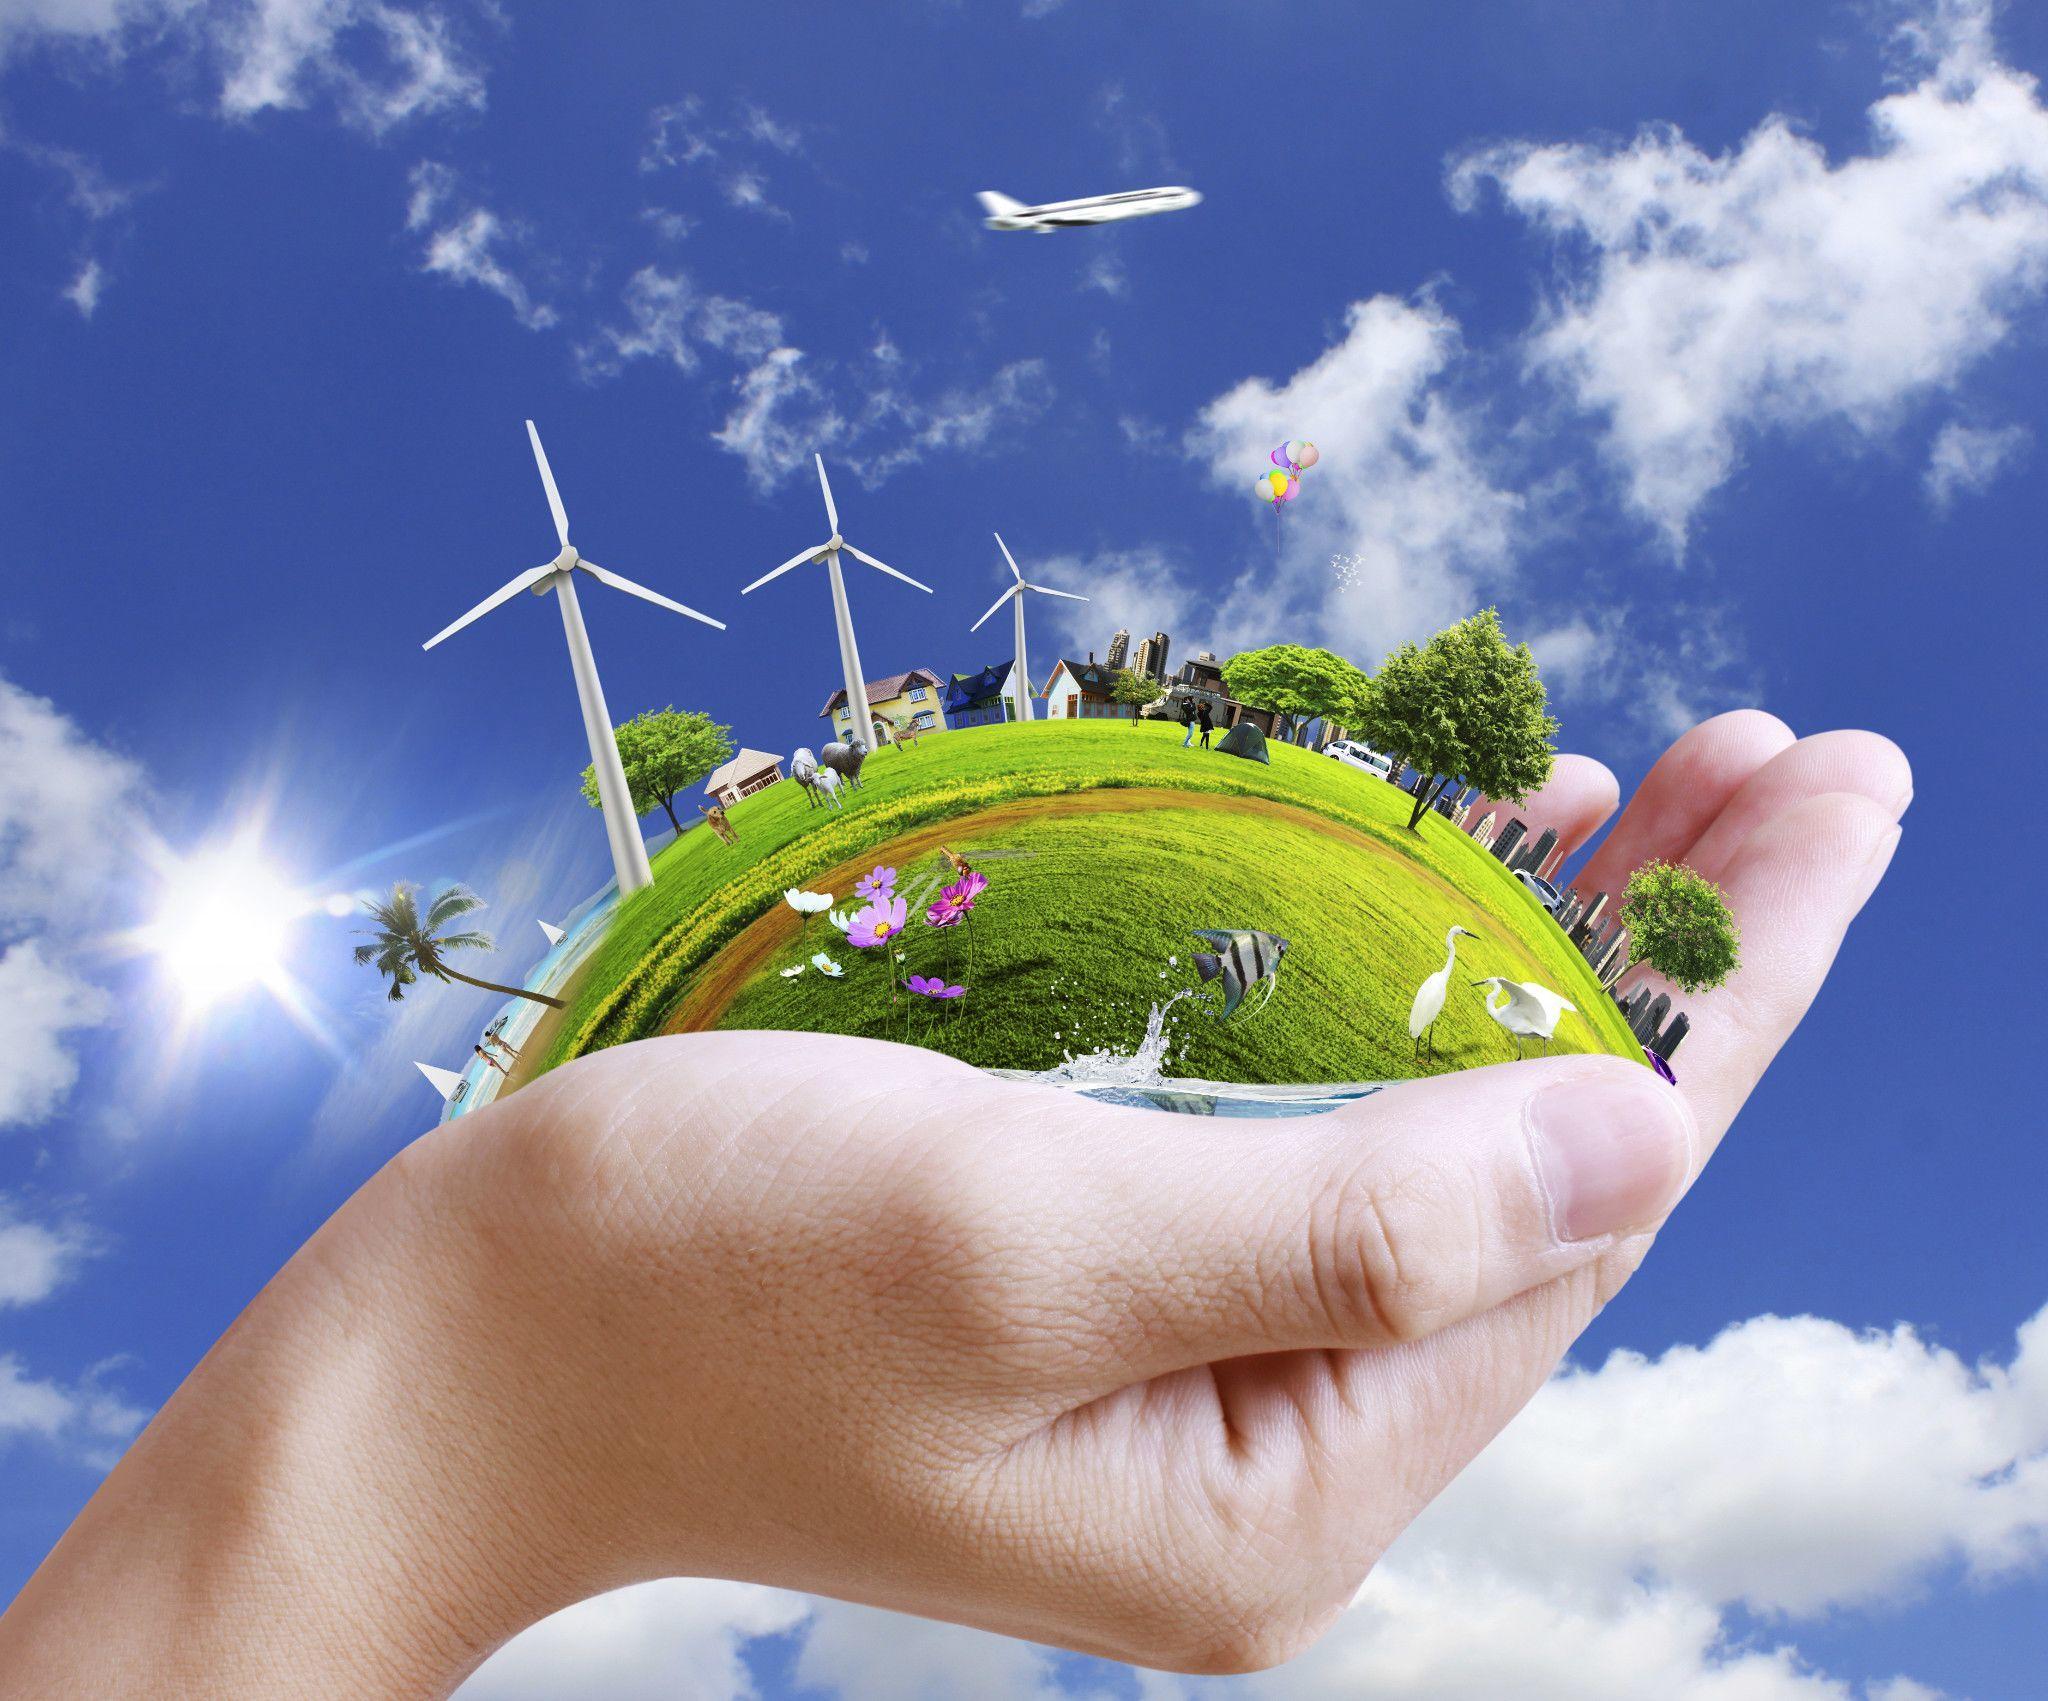 Население развивается и адаптируется к окружающей среде.